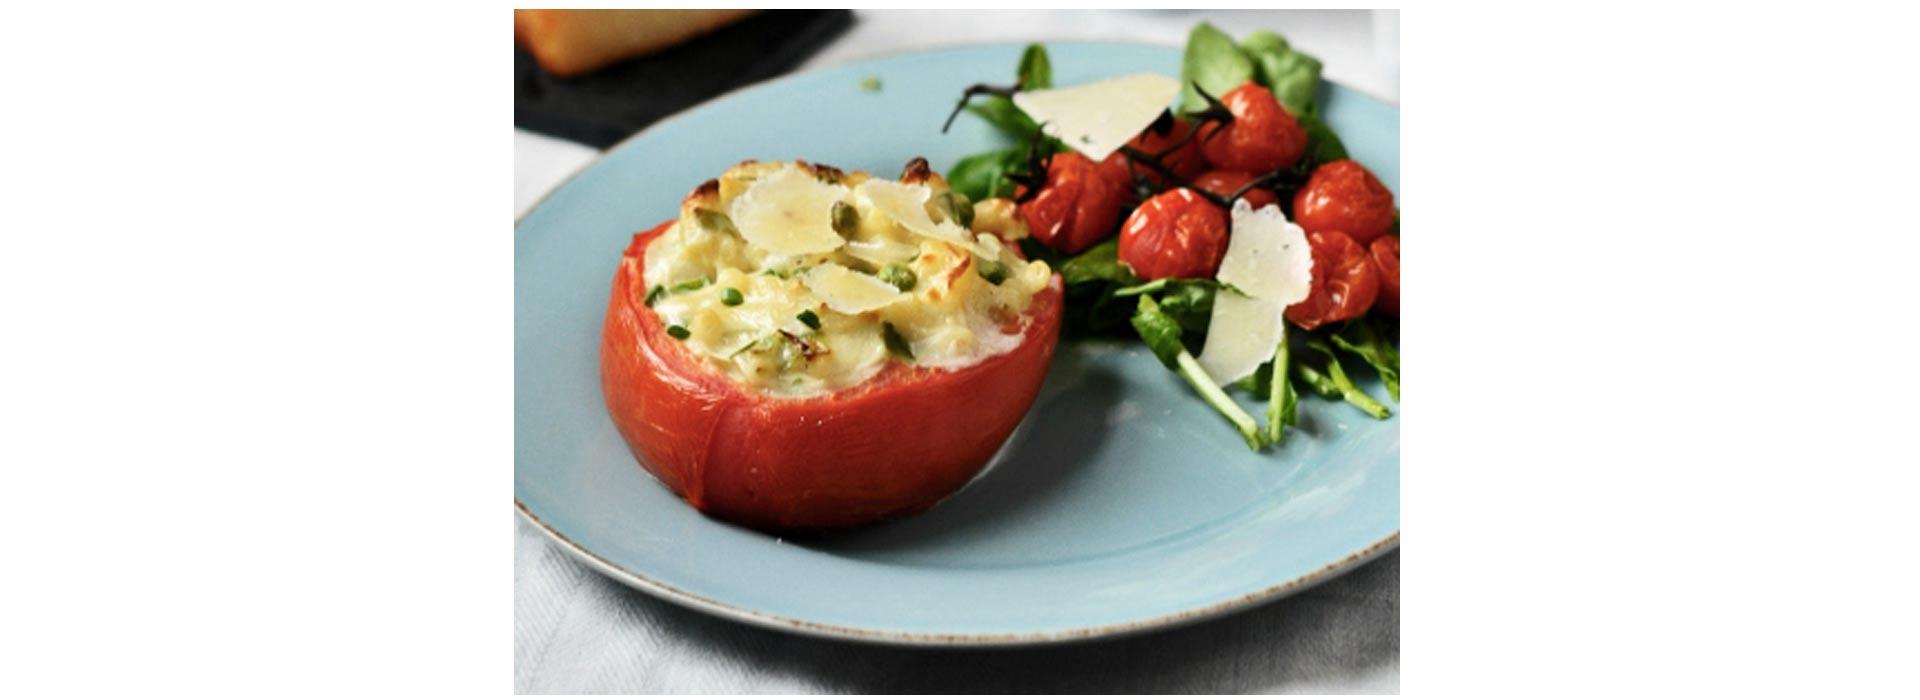 Mac and Cheese Stuffed Tomatoes